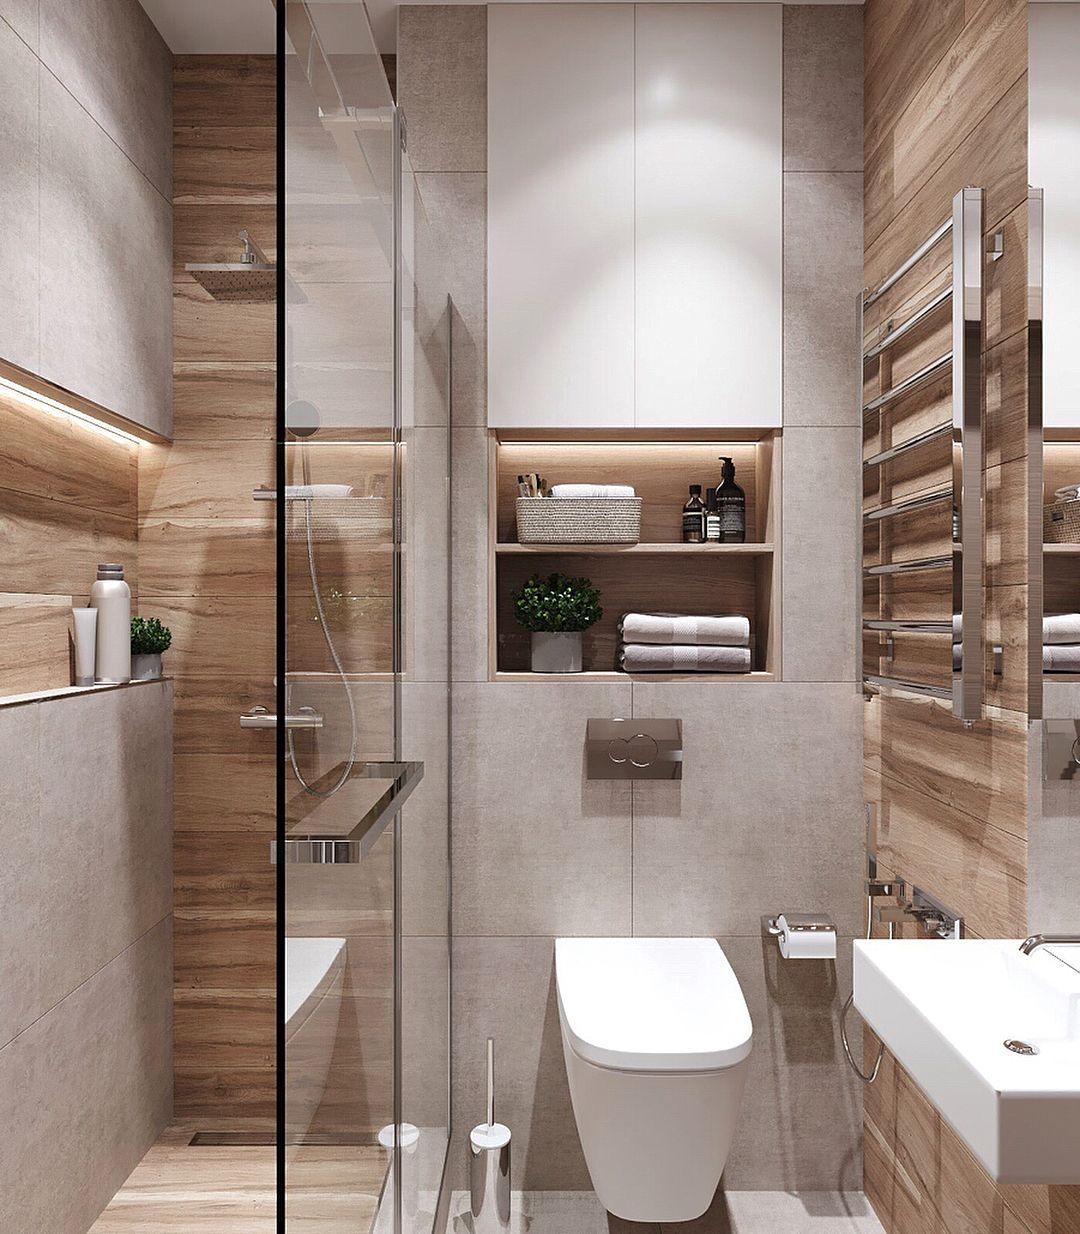 6 526 Abonnes 344 Abonnement 82 Publications Decouvrez Les Photos Et Videos Instagram De Al Small Bathroom Bathroom Design Small Small Bathroom Makeover